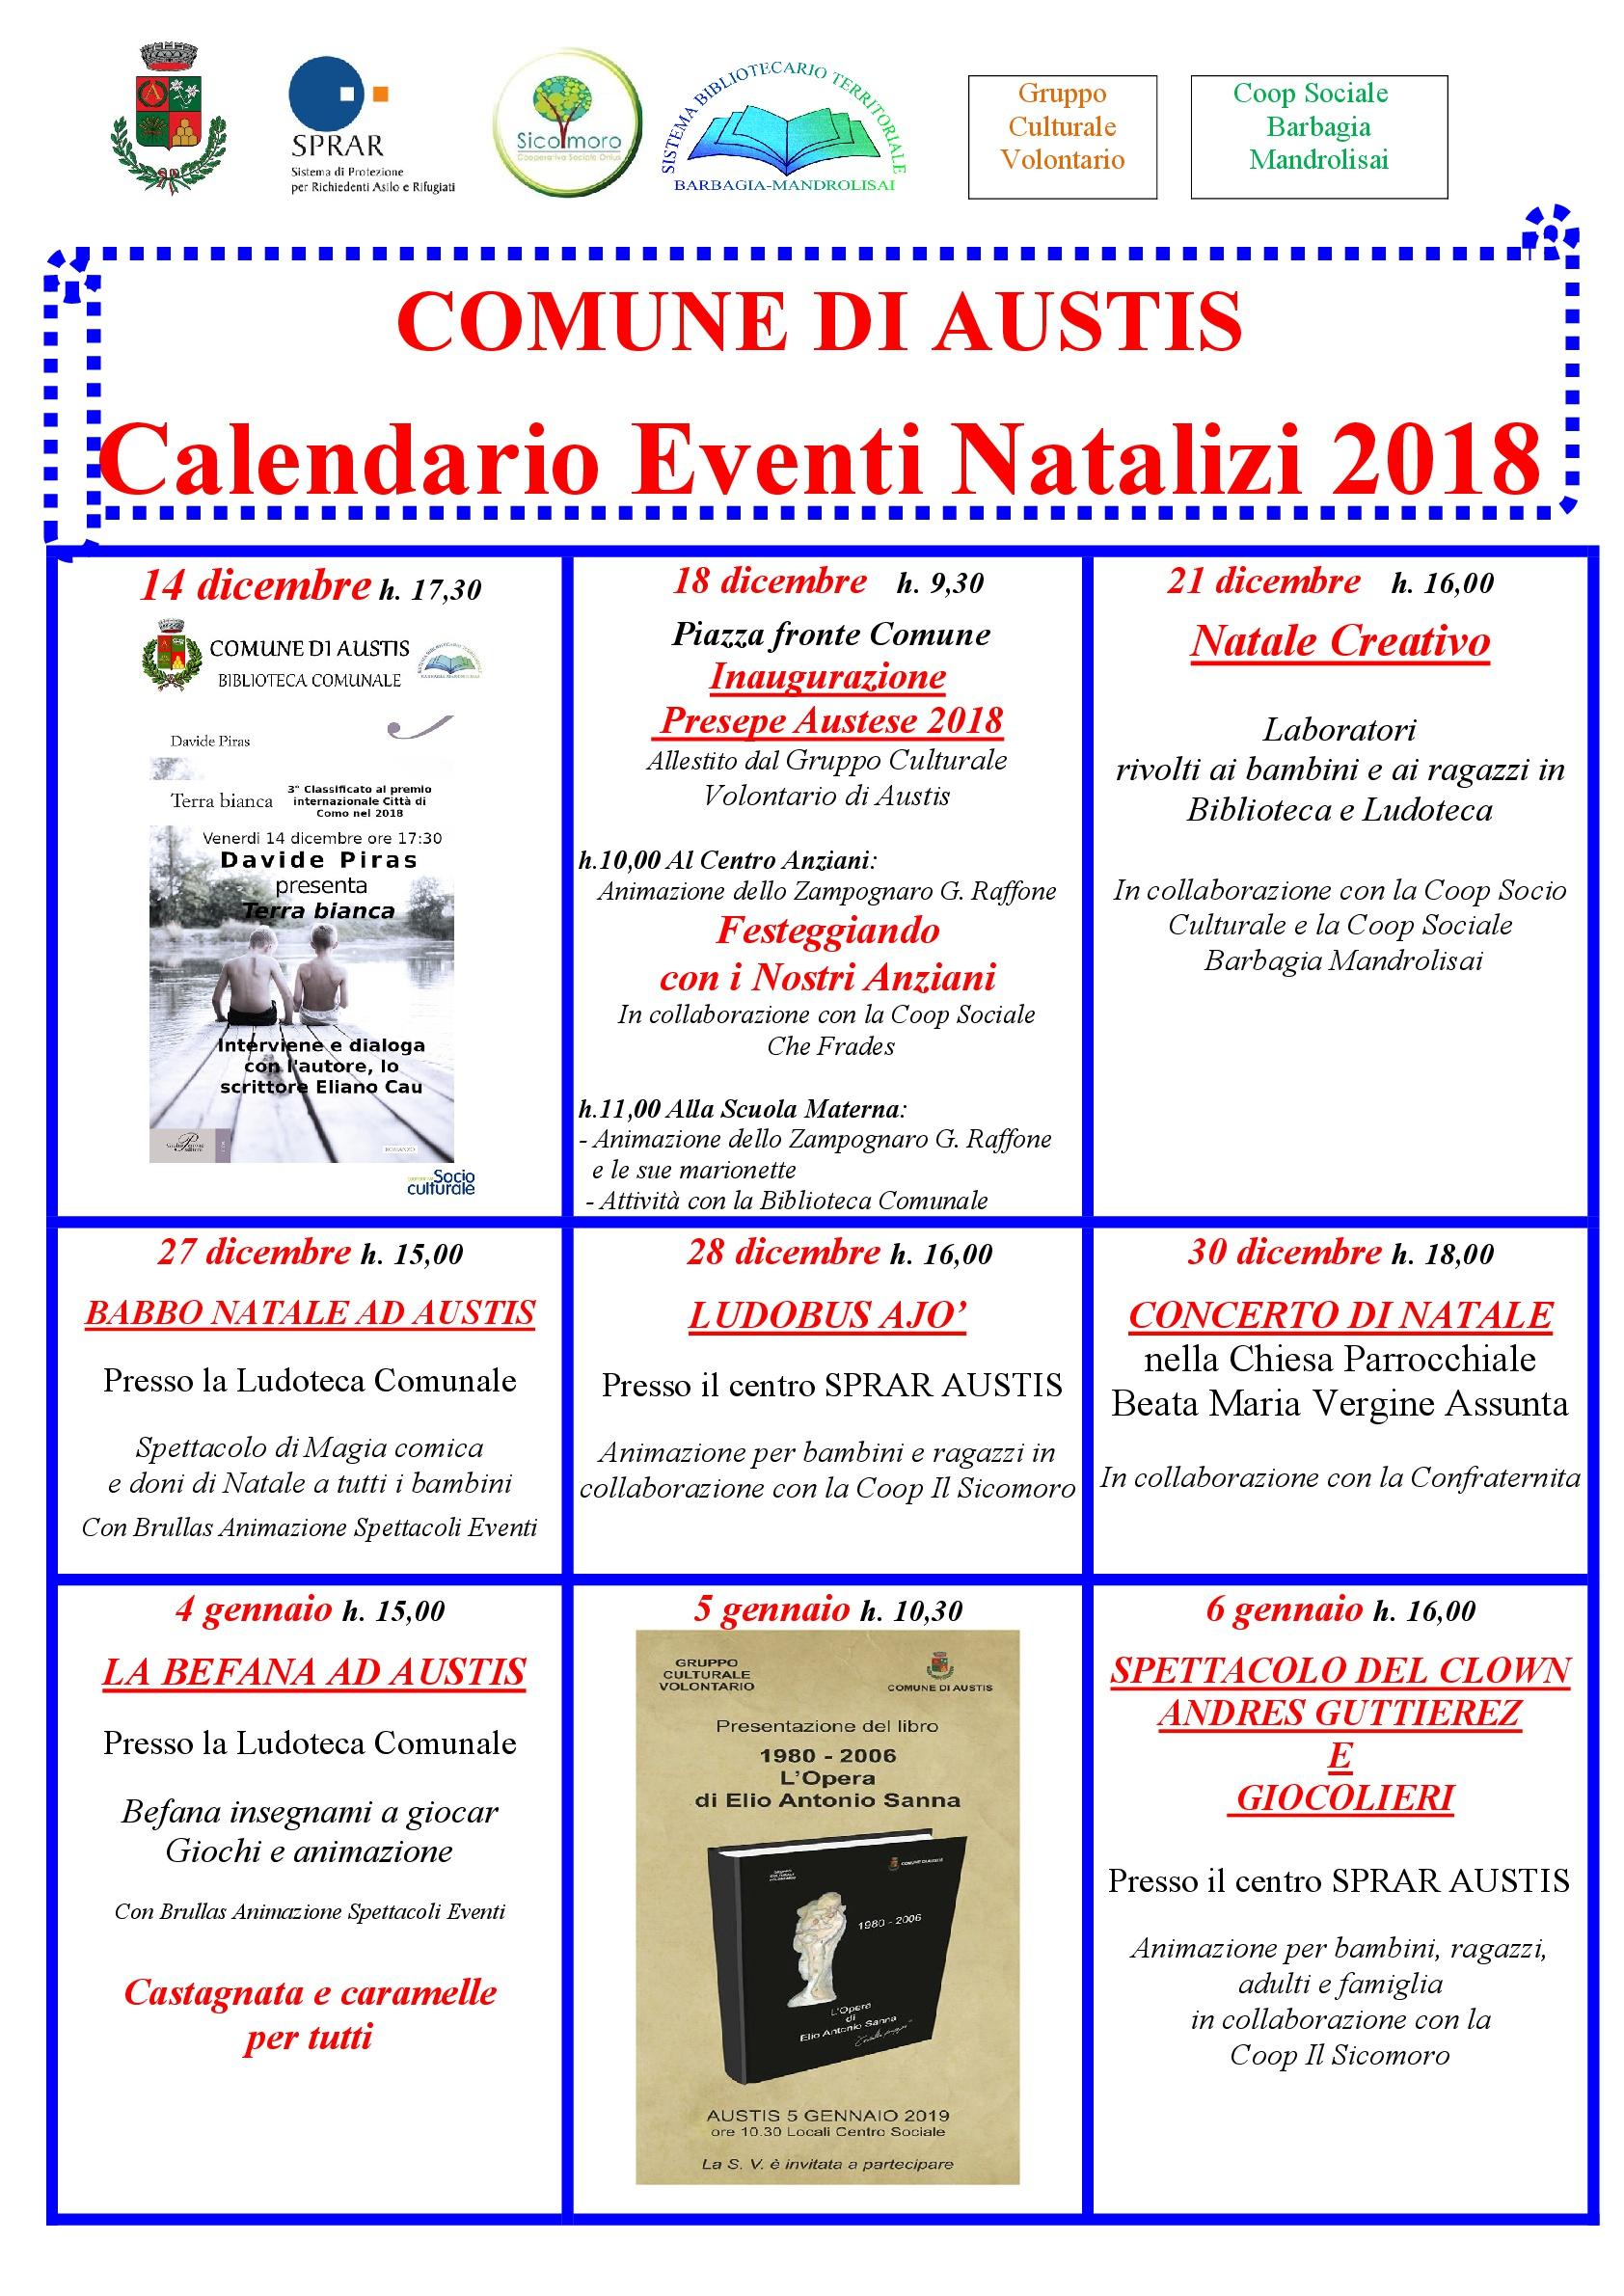 CALENDARIO EVENTI NATALIZI 2018